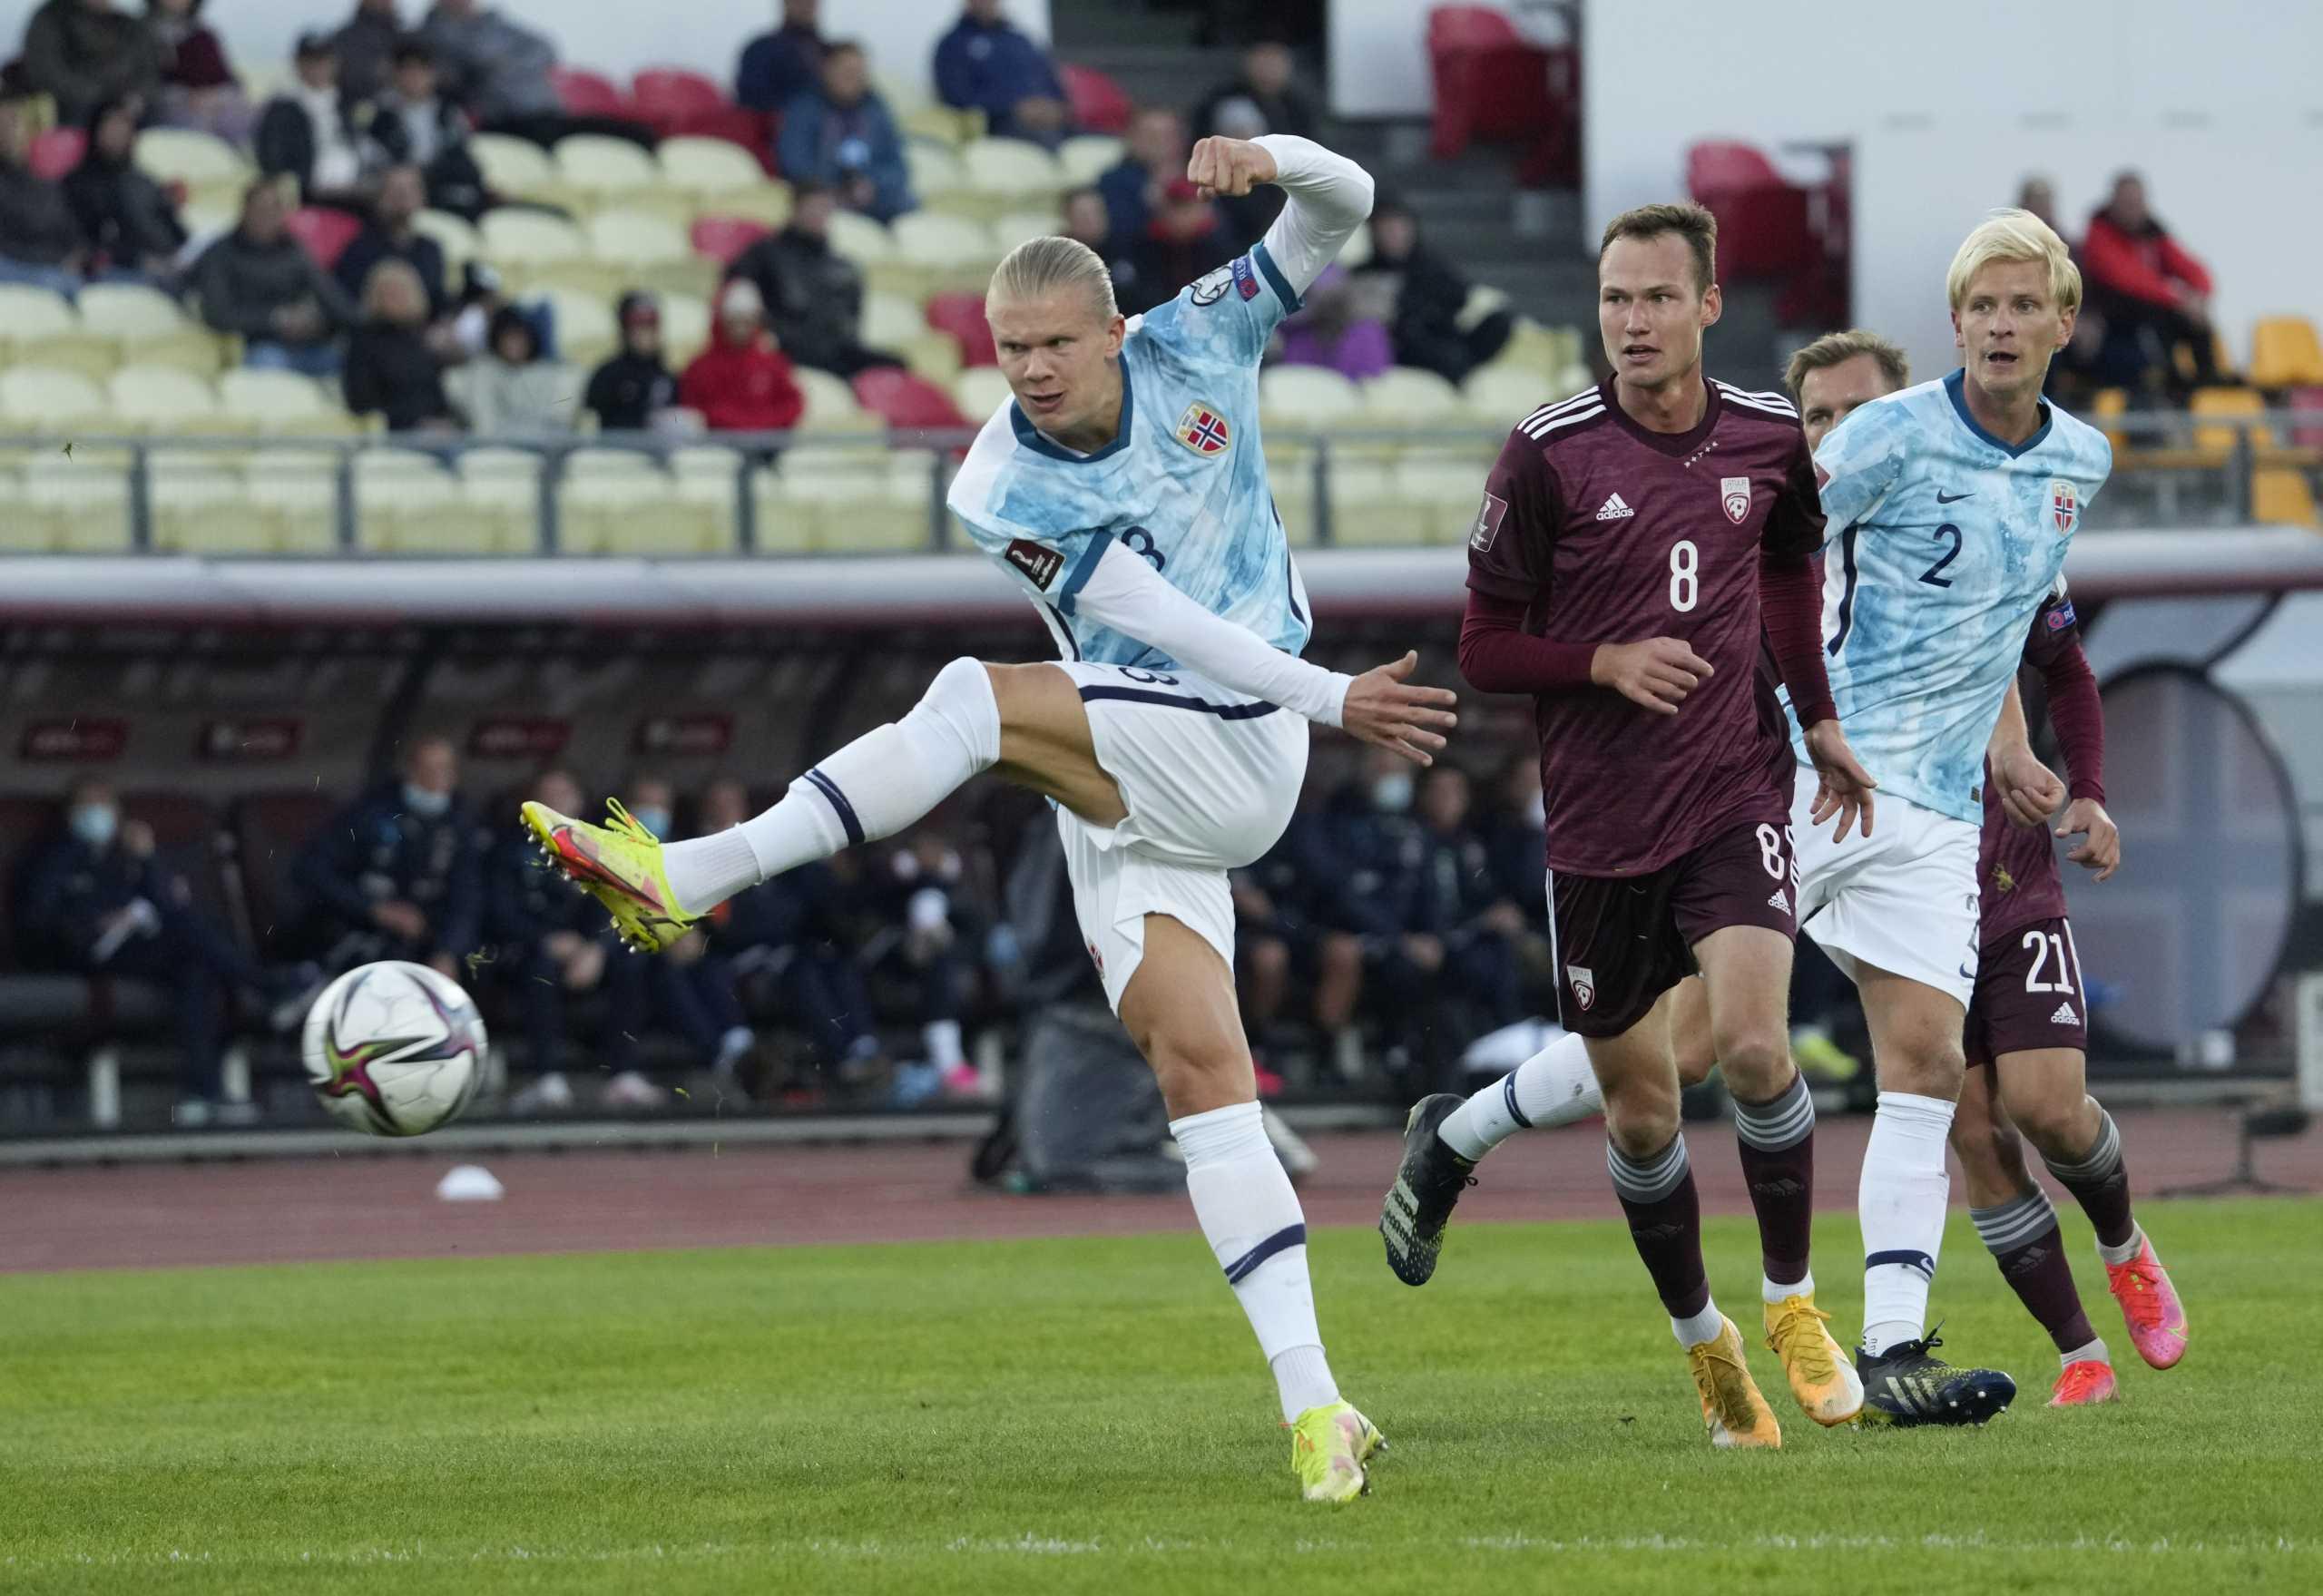 Προκριματικά Παγκοσμίου Κυπέλλου: Σημαντικές νίκες για Σερβία, Νορβηγία και Ρωσία